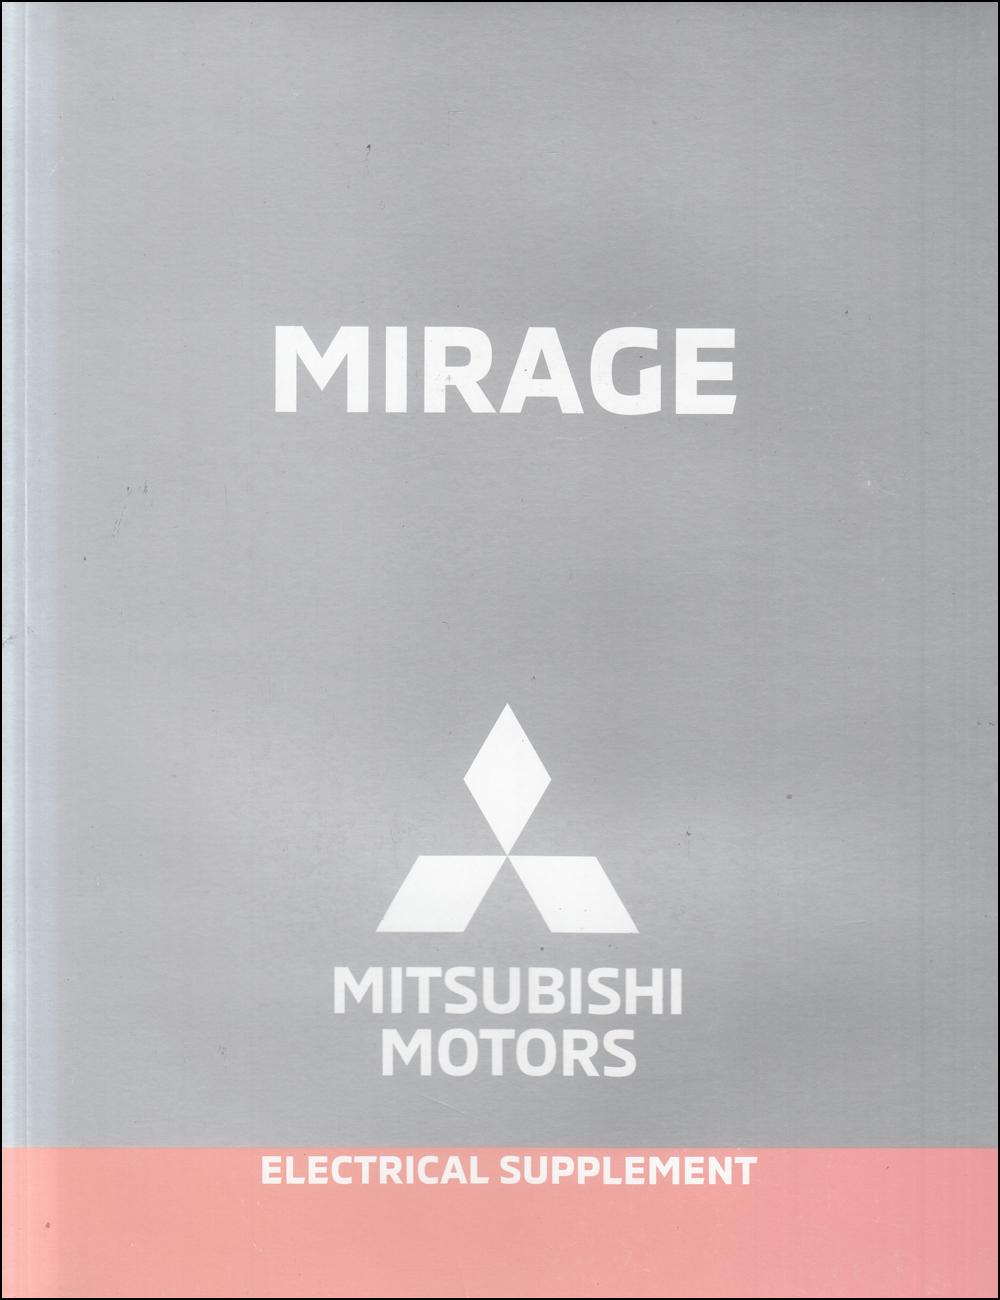 2019 Mitsubishi Mirage Wiring Diagram Manual Original